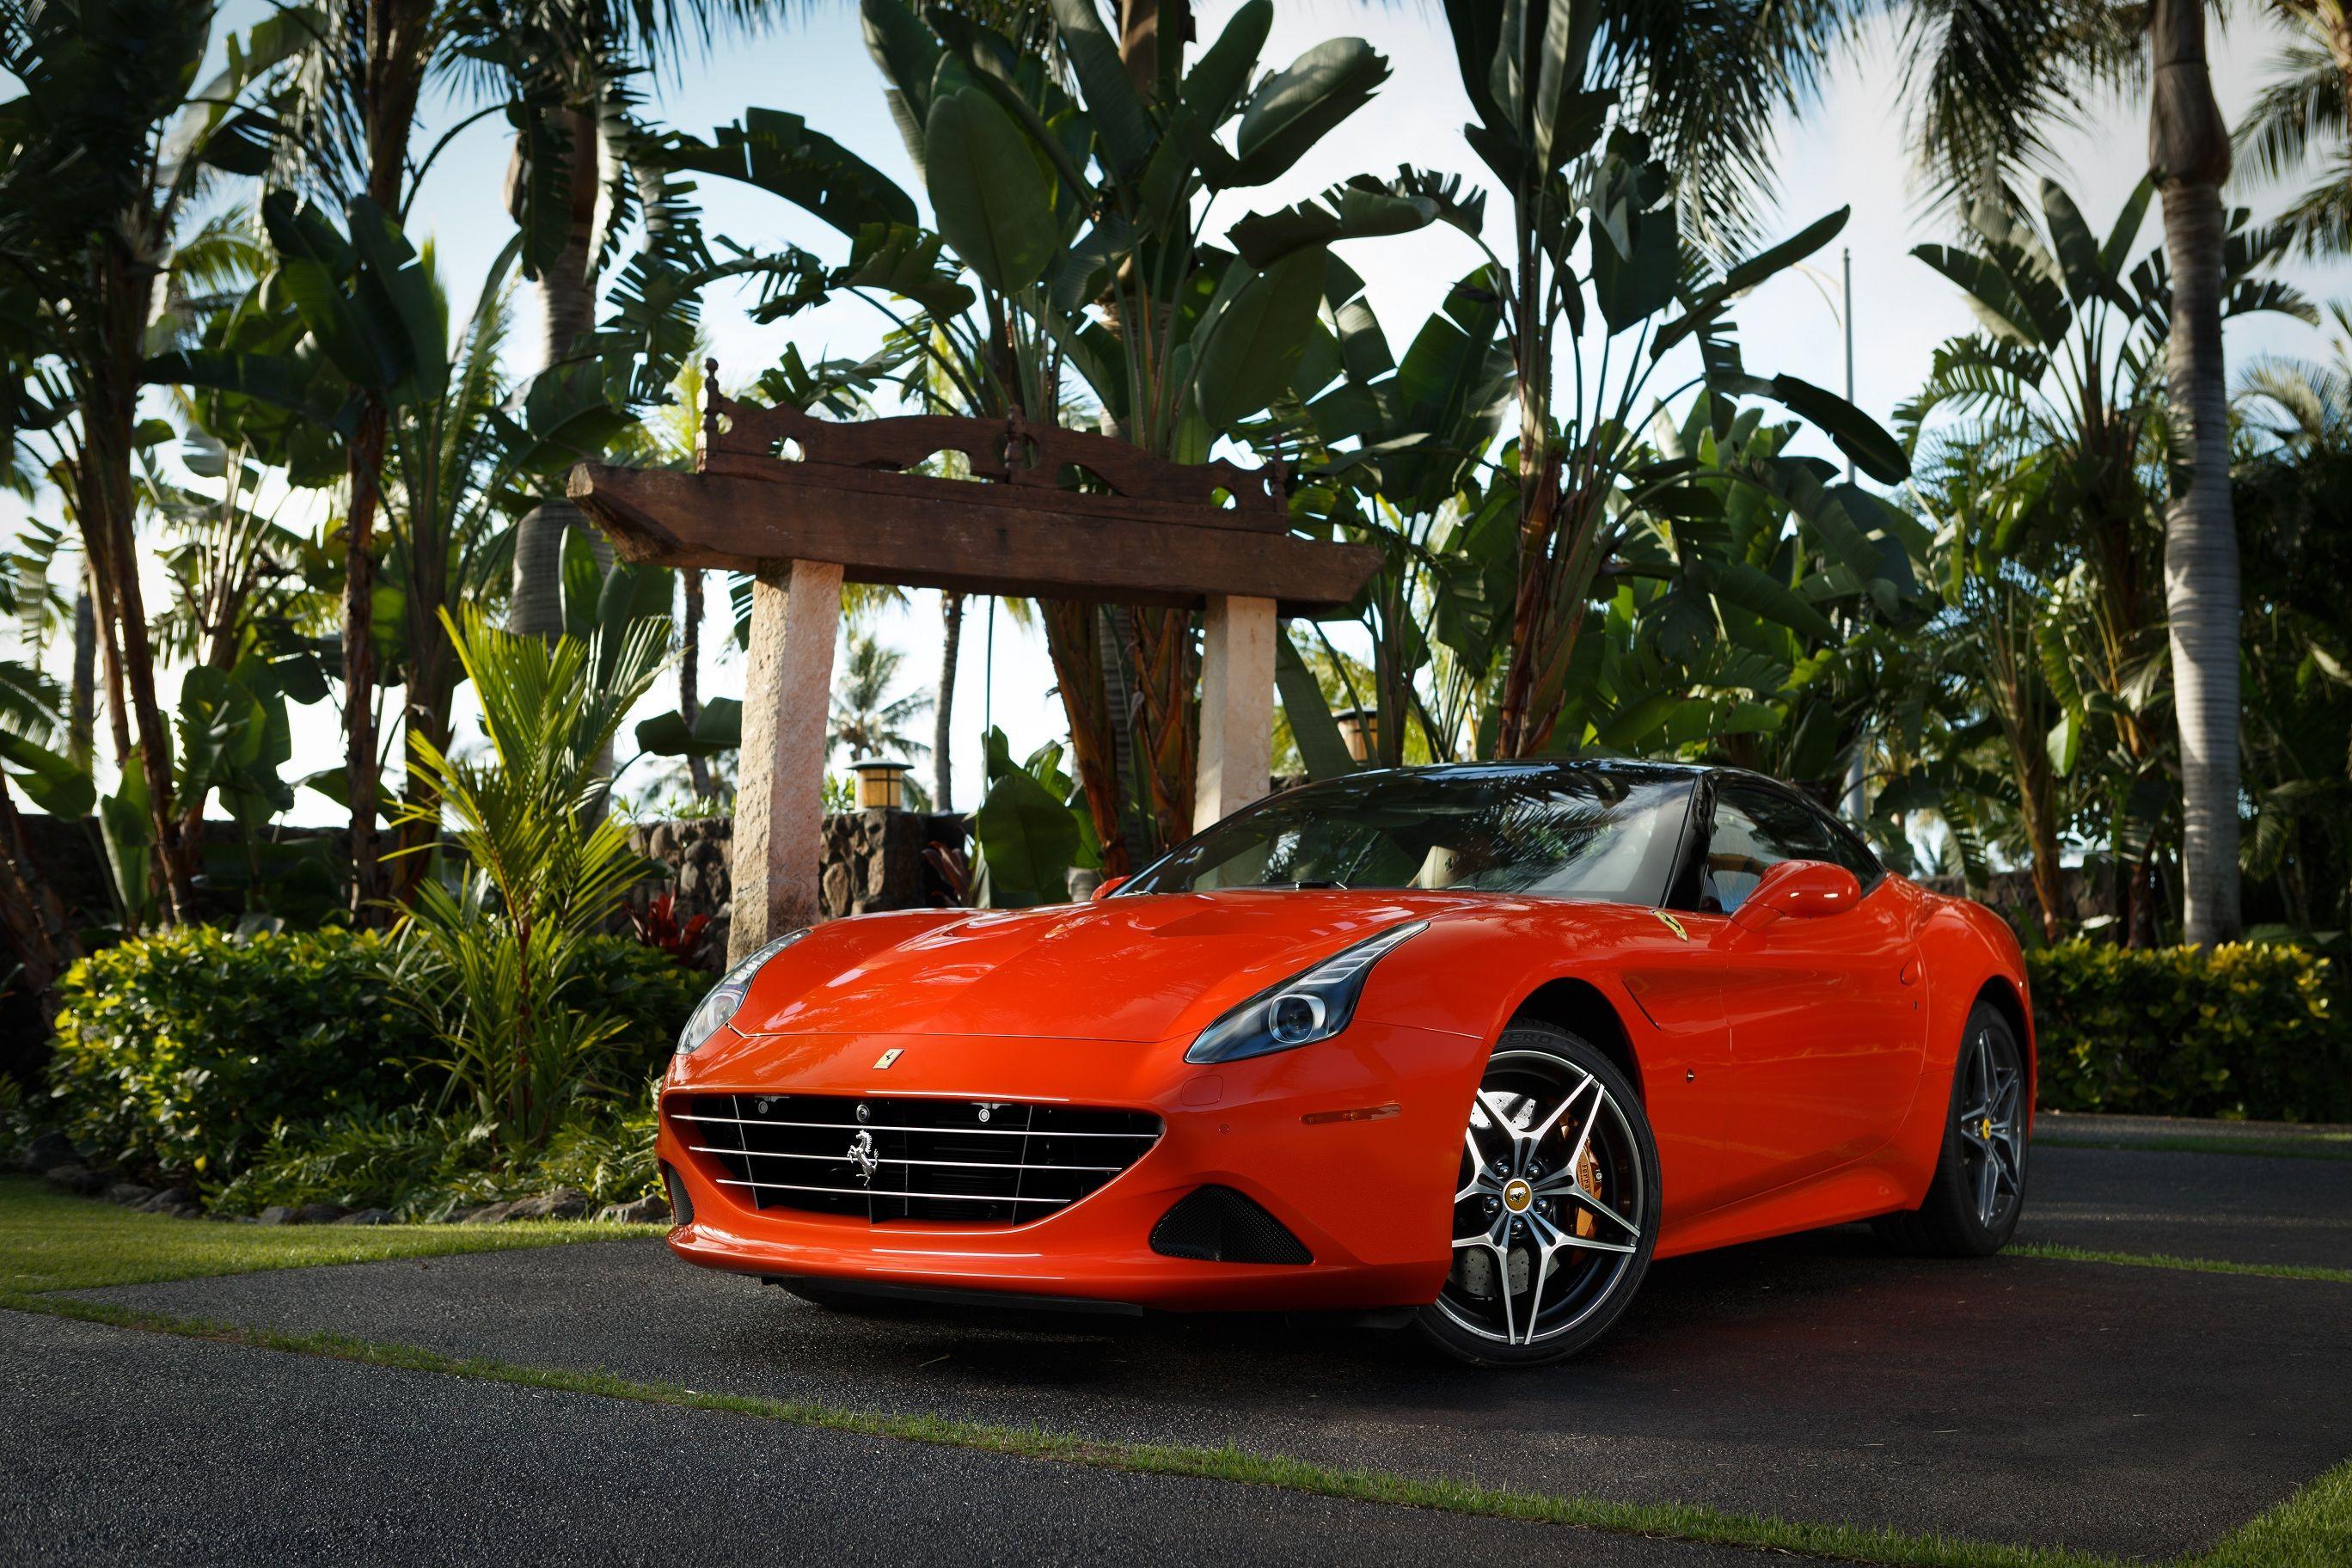 The Most Beautiful Coastline To Explore In A Ferrari California T